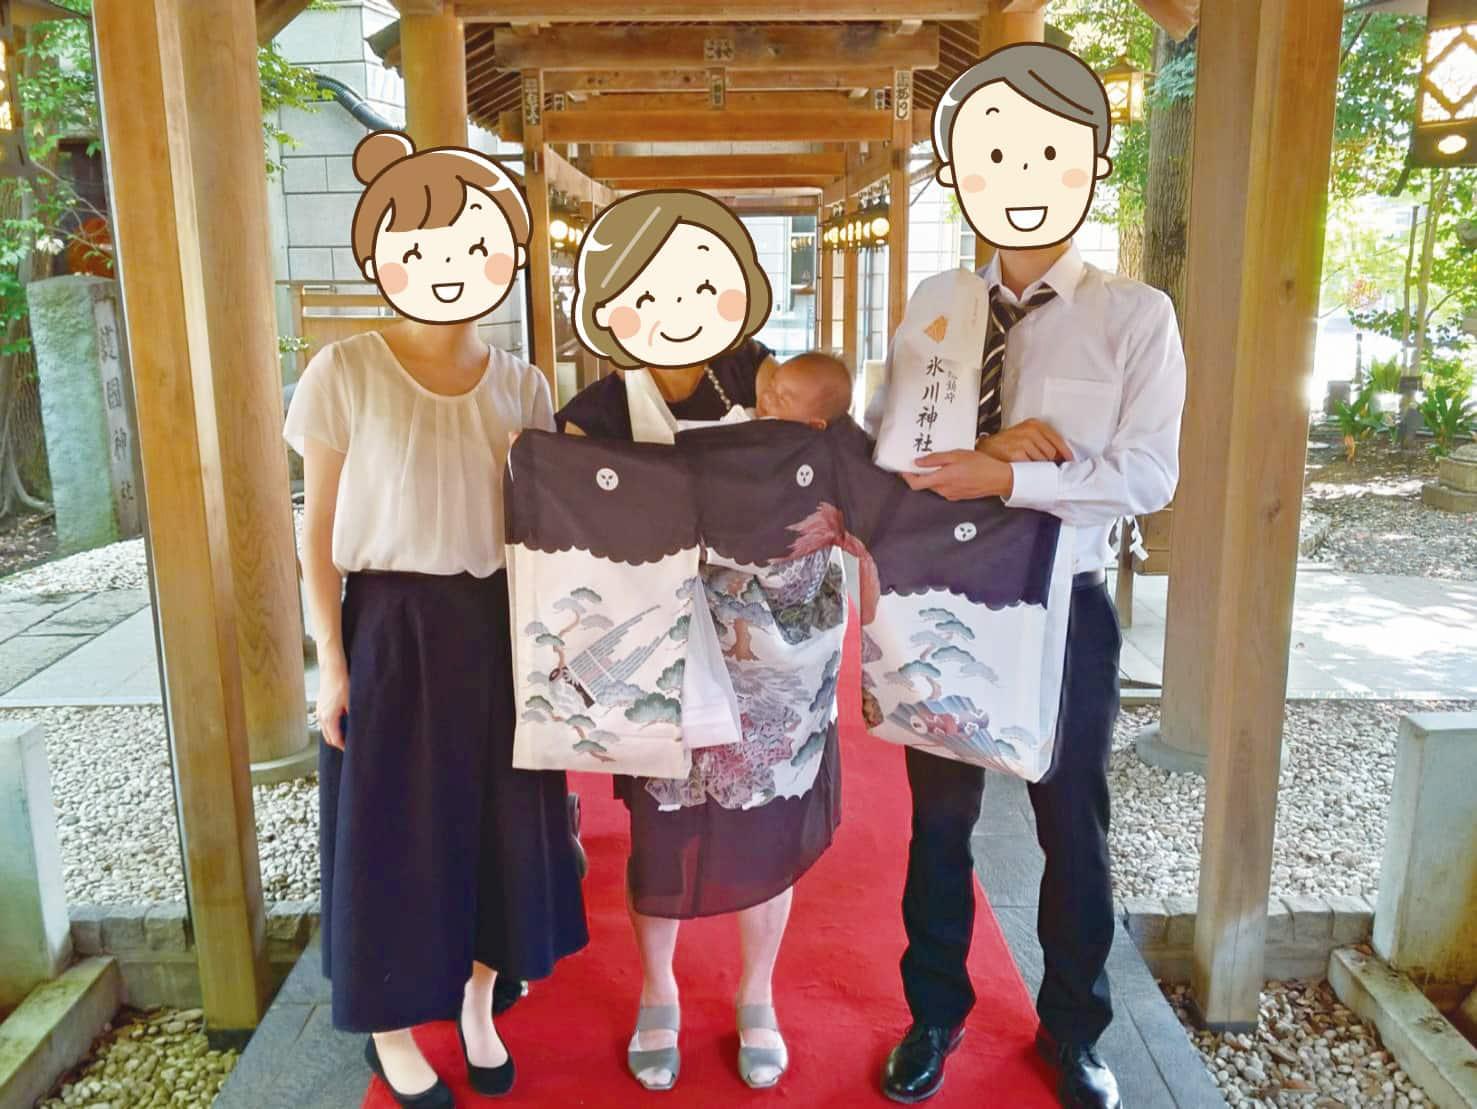 お宮参りの参列者の服装